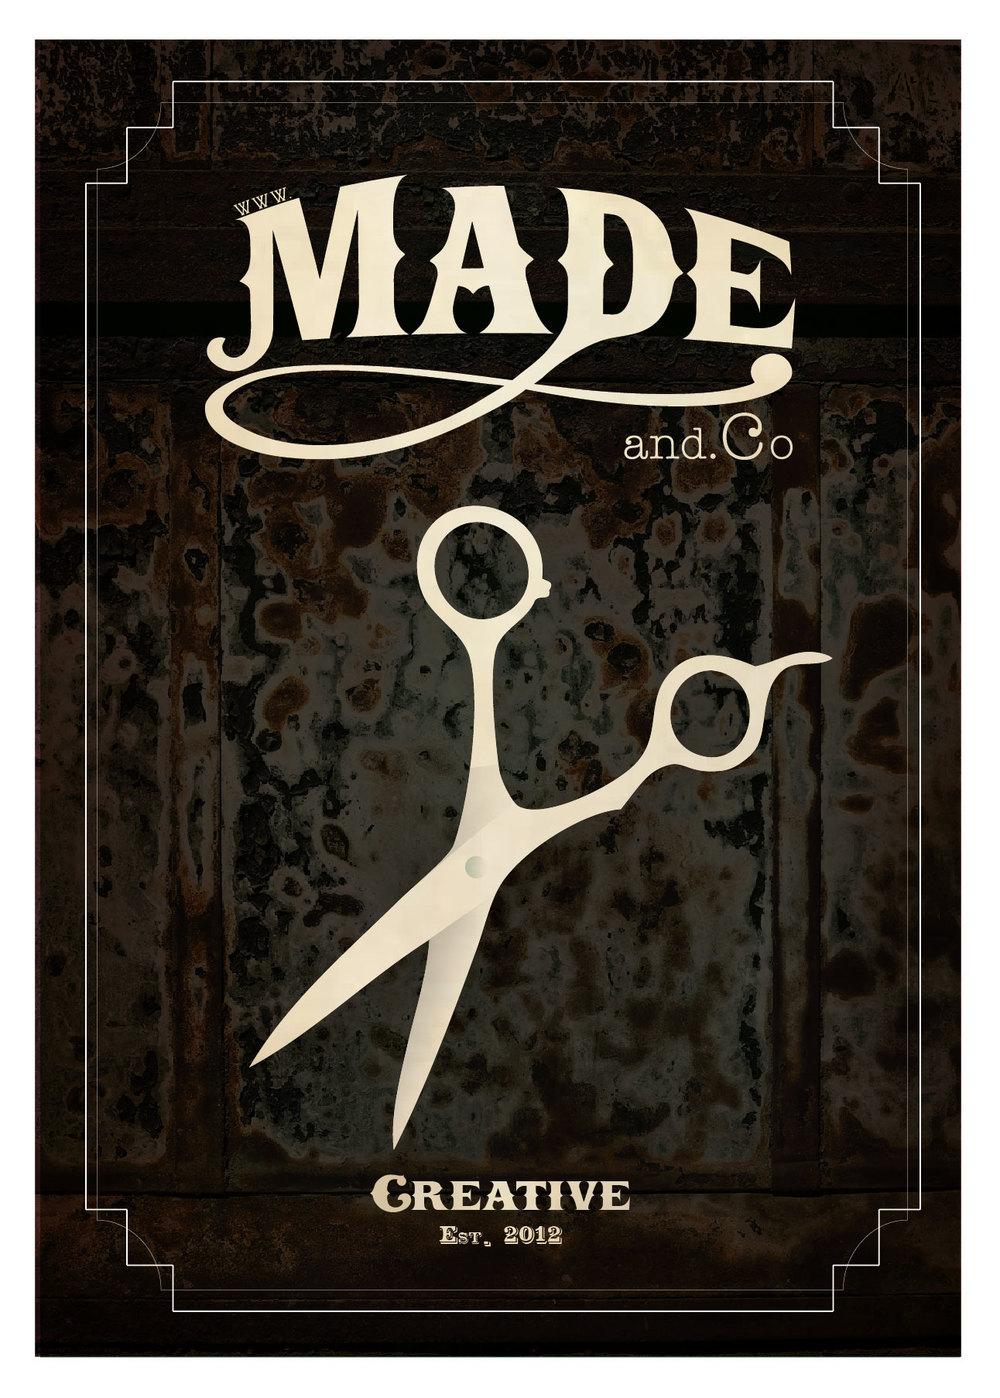 創意服務 • 平面設計 • 廣告宣傳 • 網頁設計 • 攝影 • 文案 • 後期製作